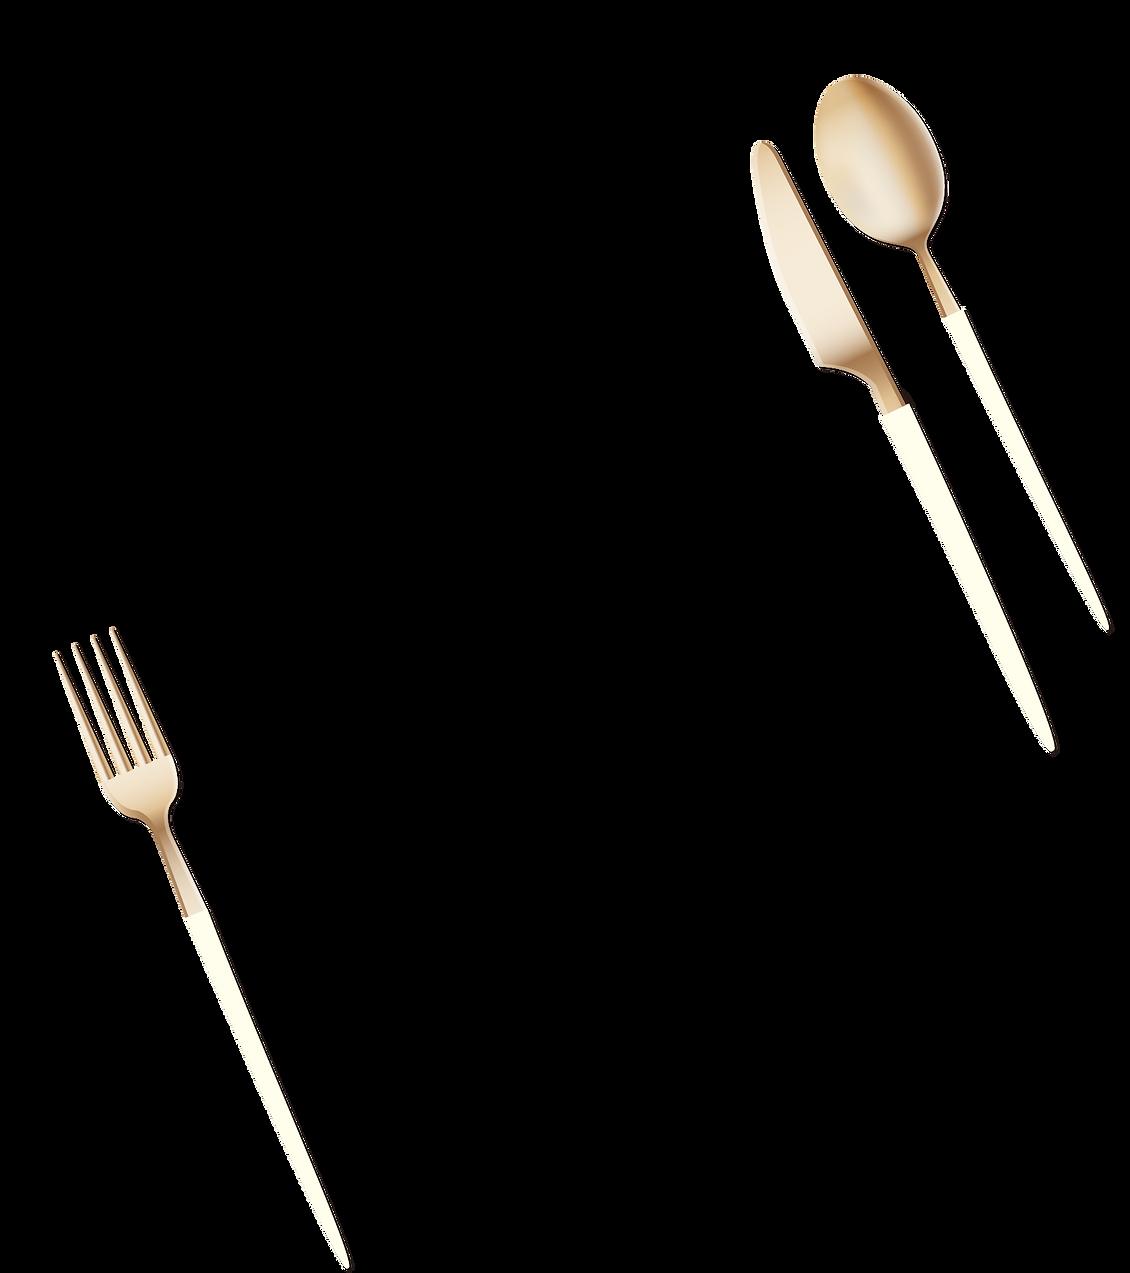 刀叉.png